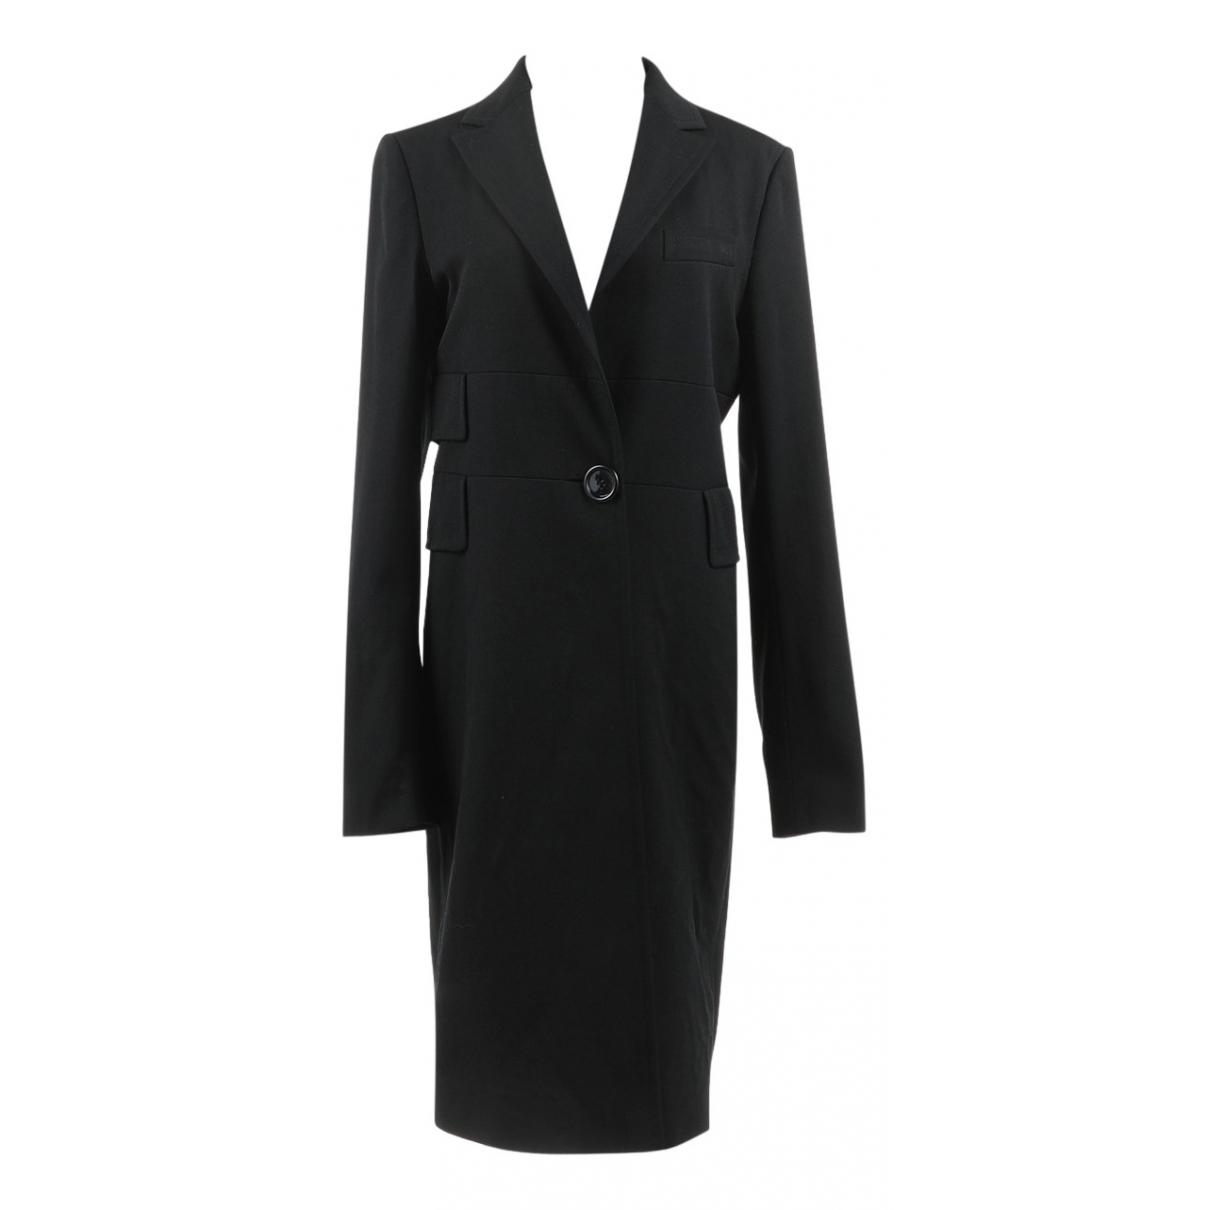 Costume National - Manteau   pour femme en laine - noir